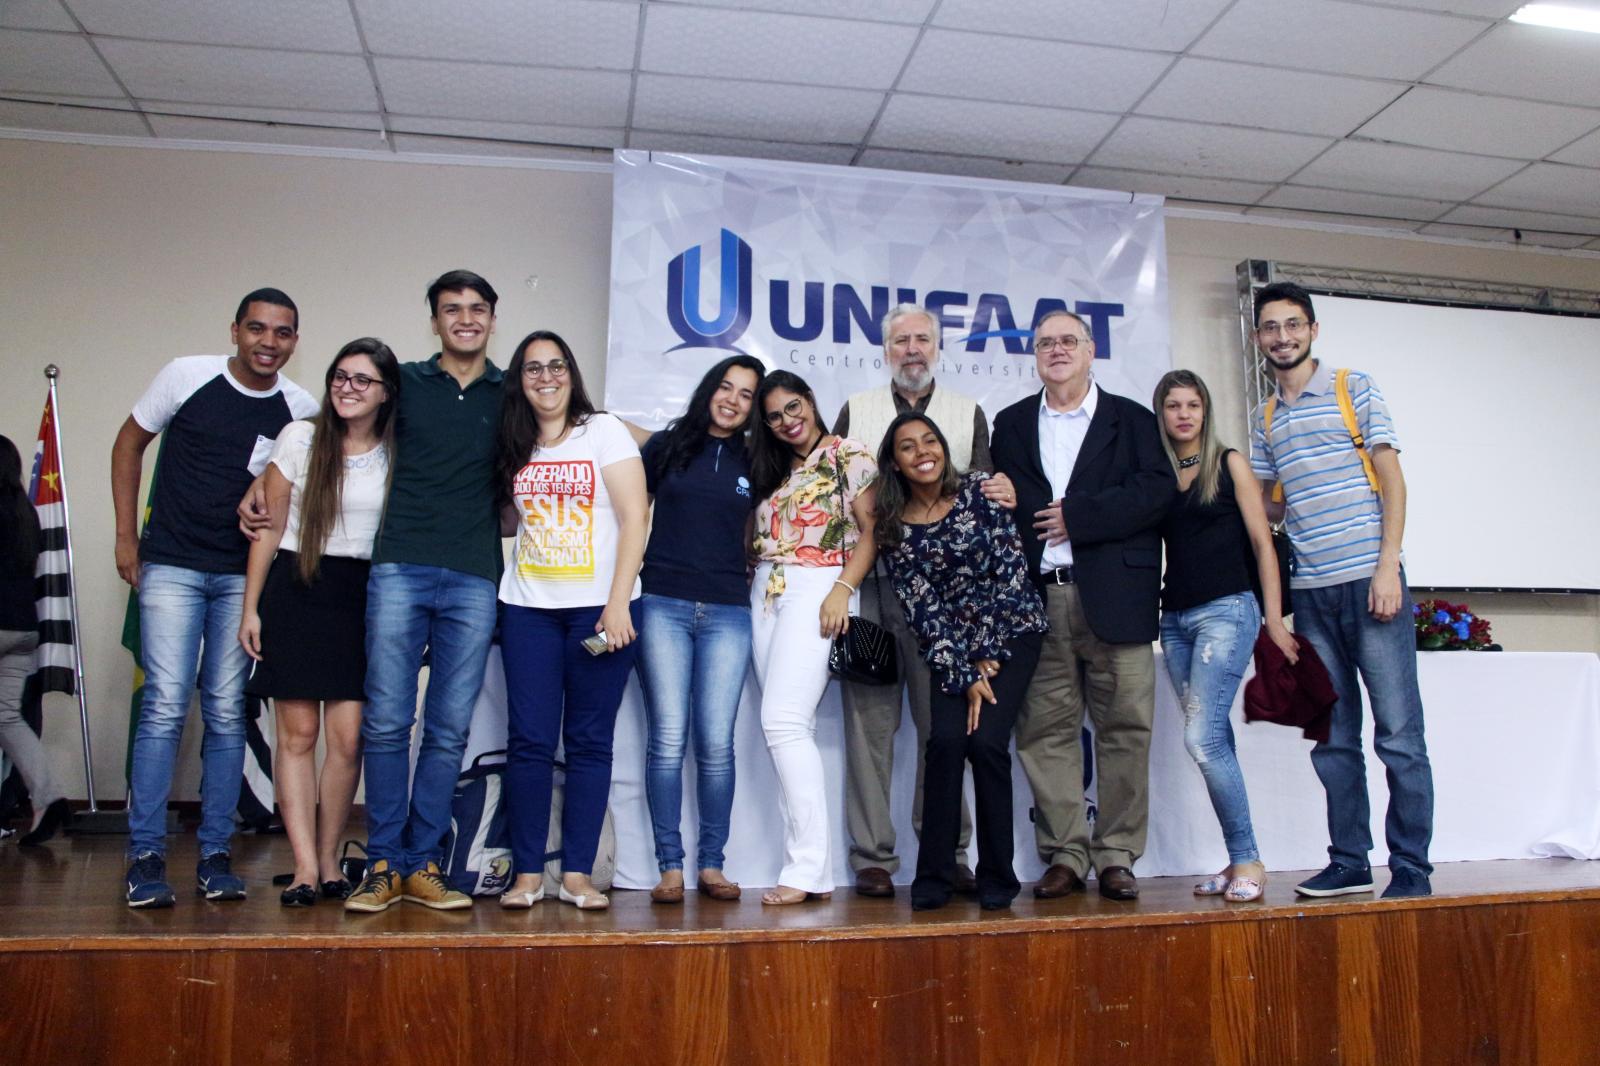 Professor José Carlos Marion abordou temas atuais da área contábil e financeira em palestra para estudantes da UNIFAAT